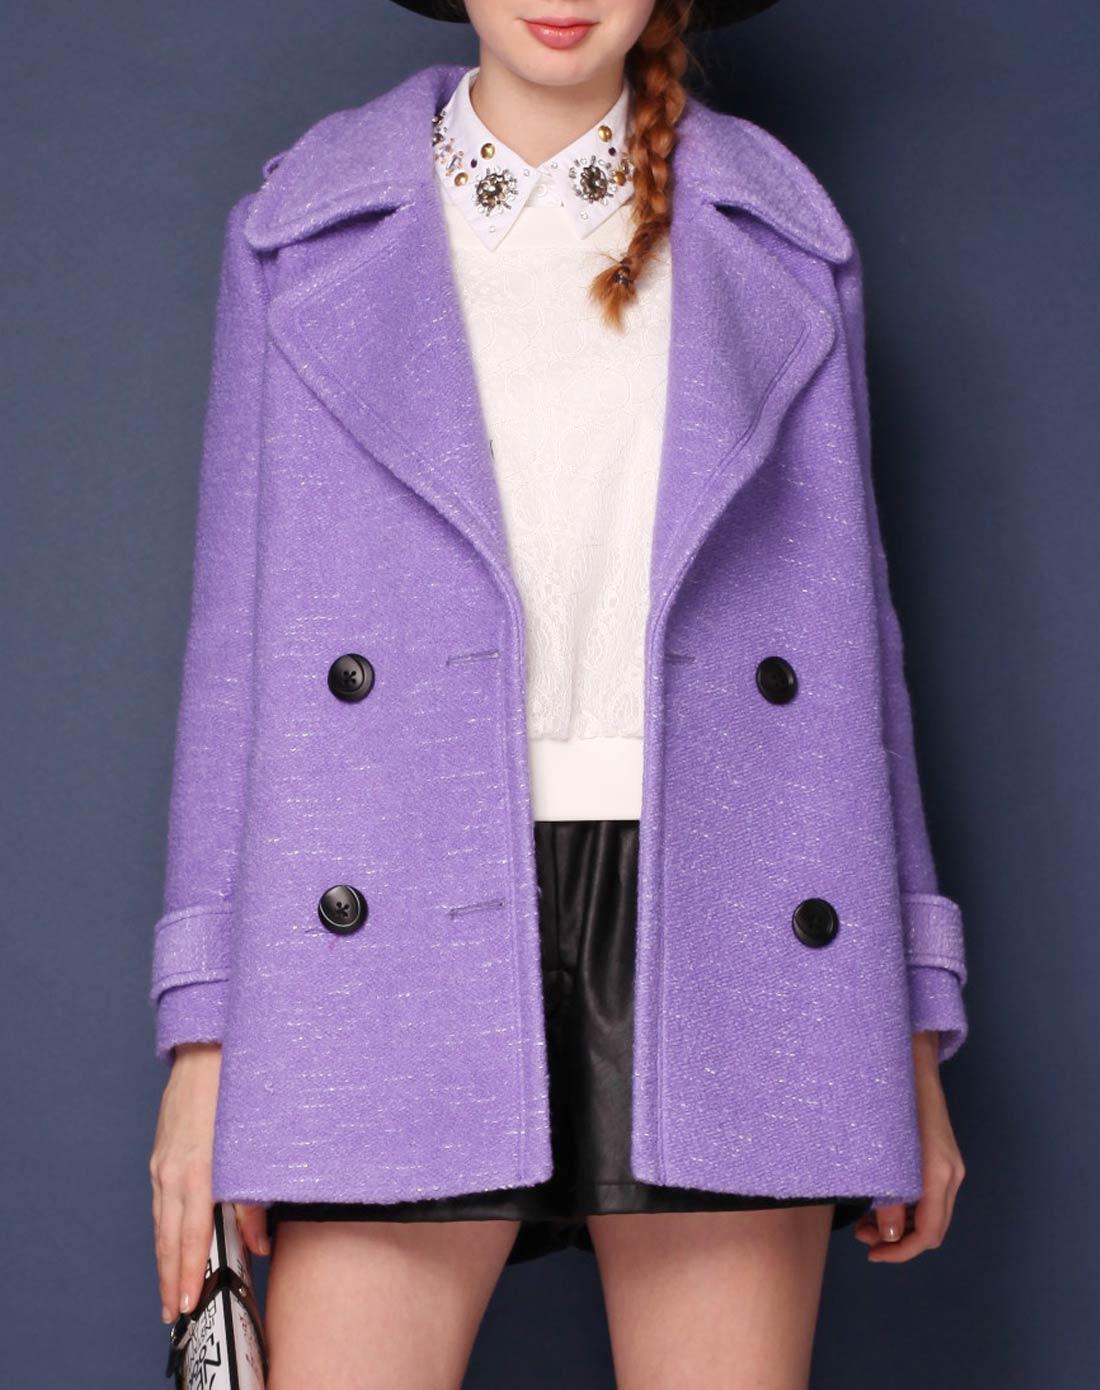 紫色半裙配什么上衣_紫色大衣